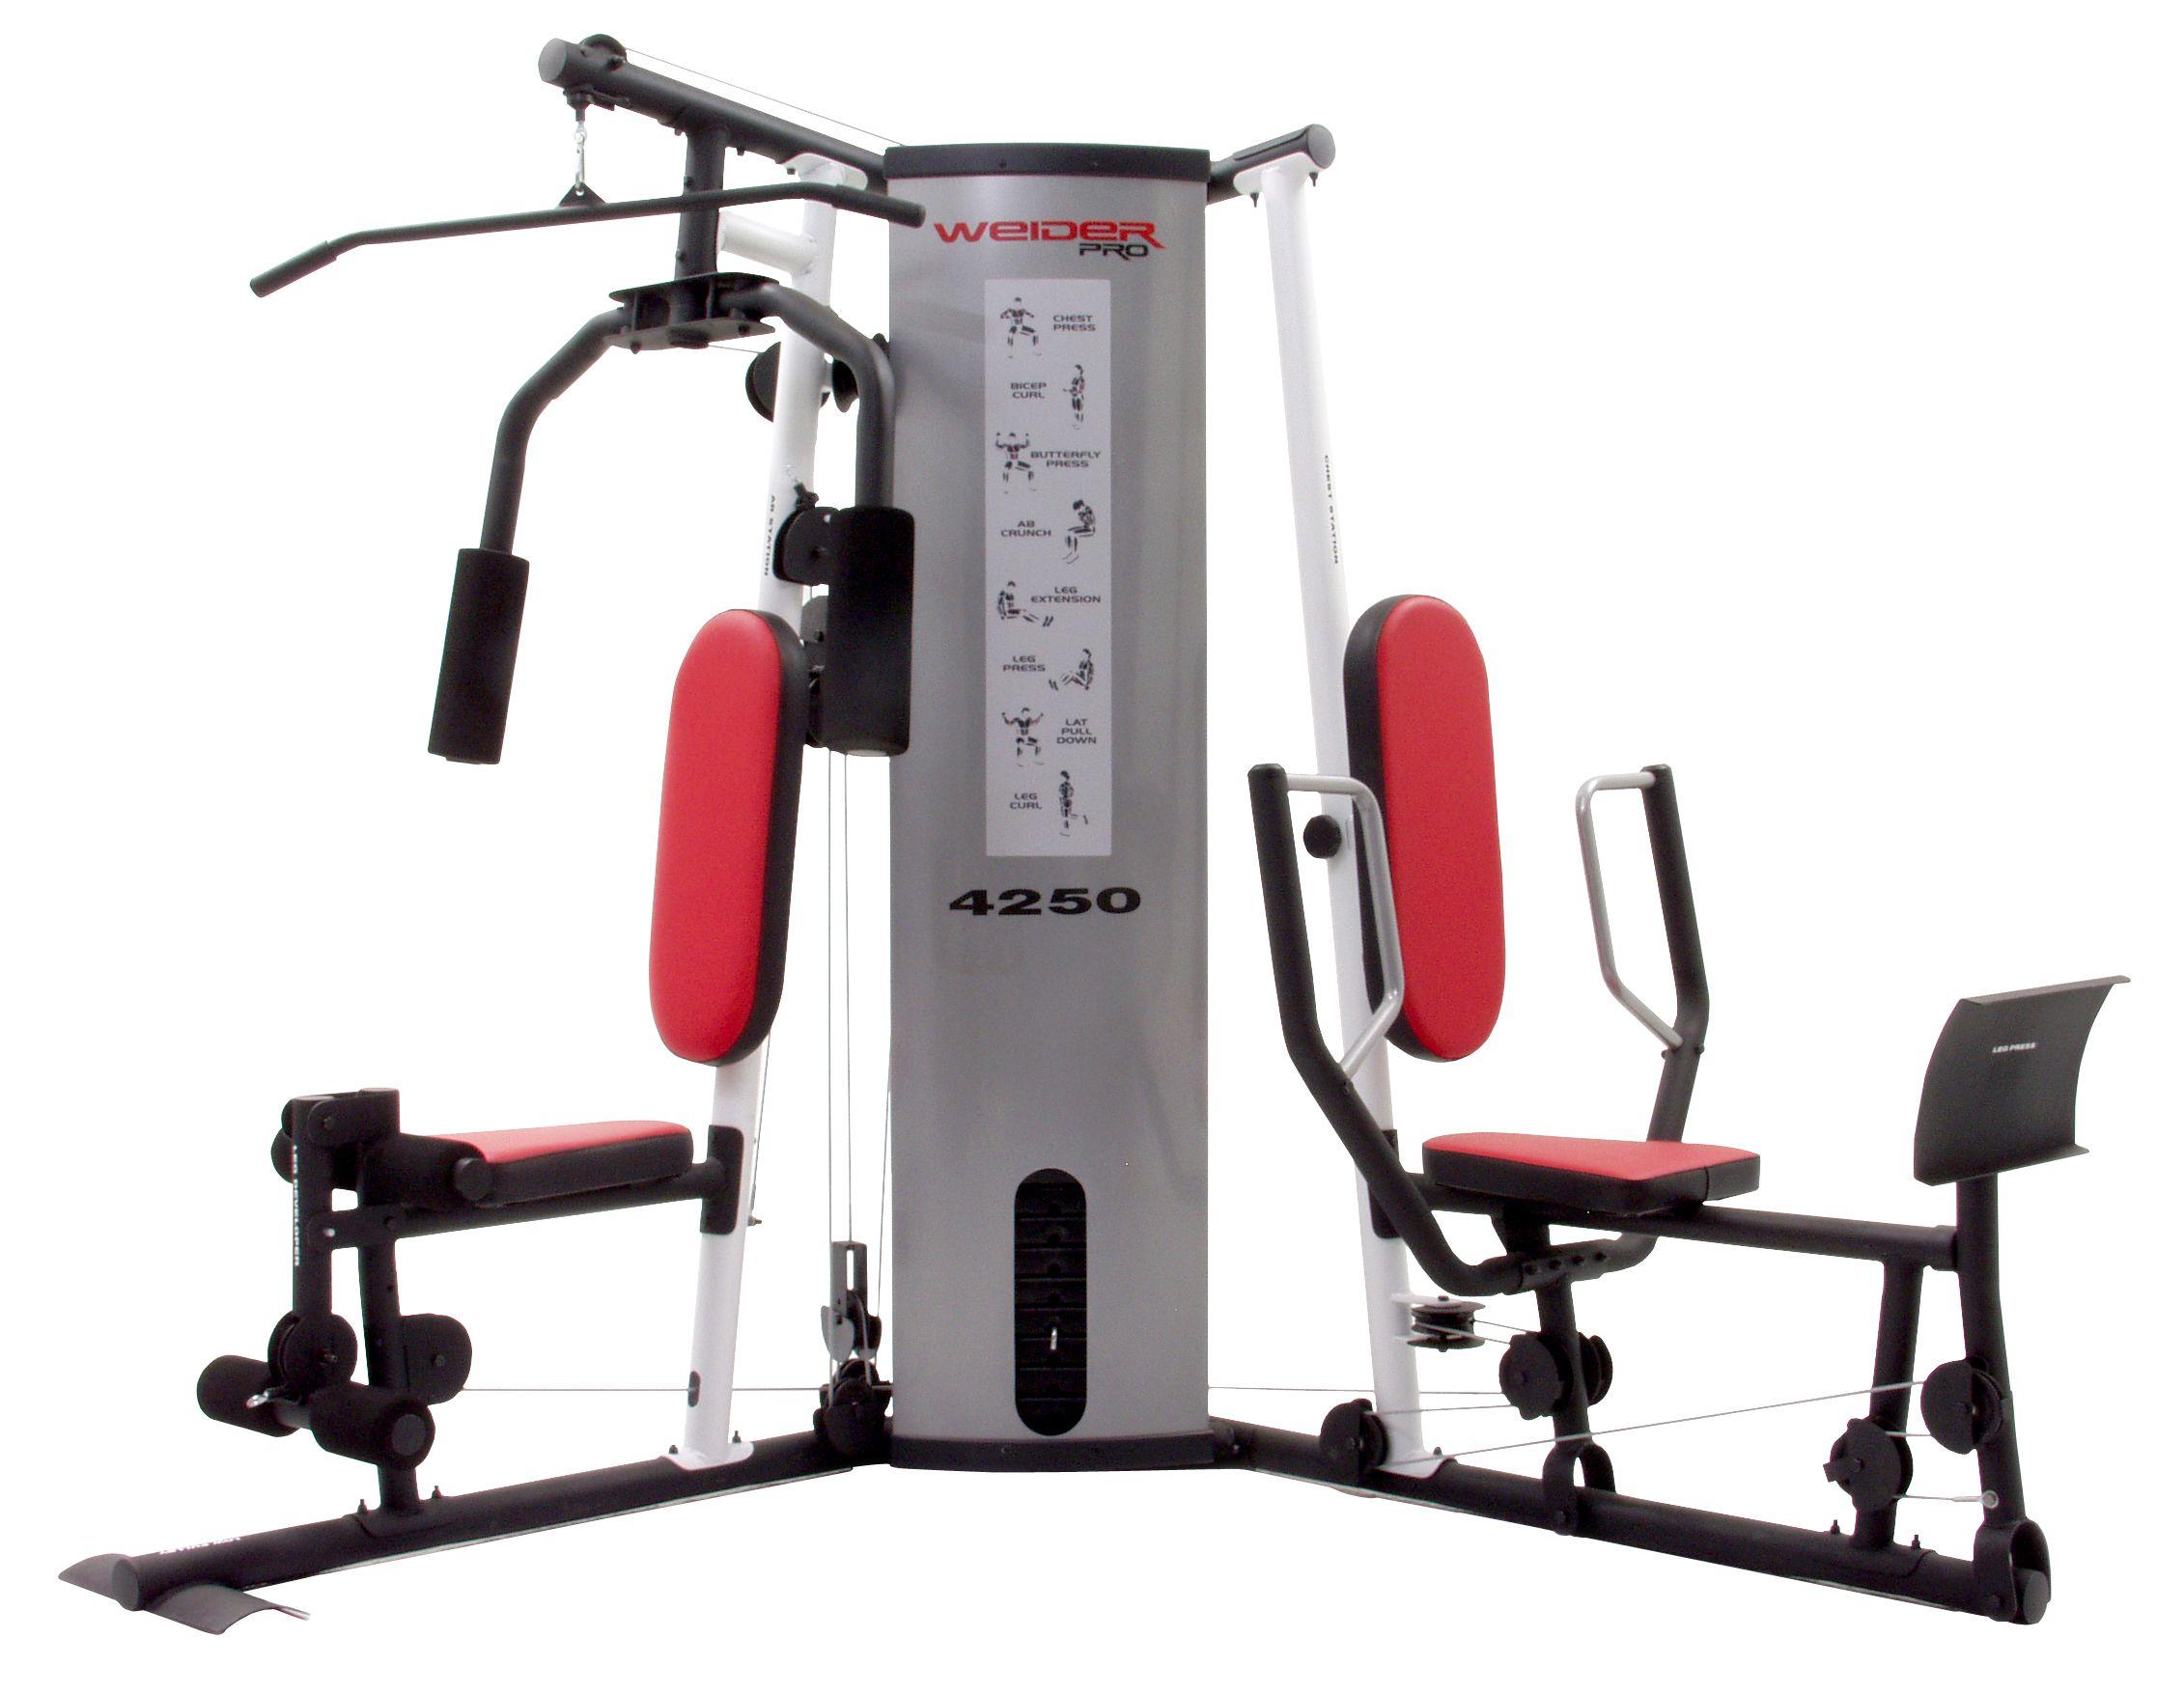 Weider Pro 4250 Weight System